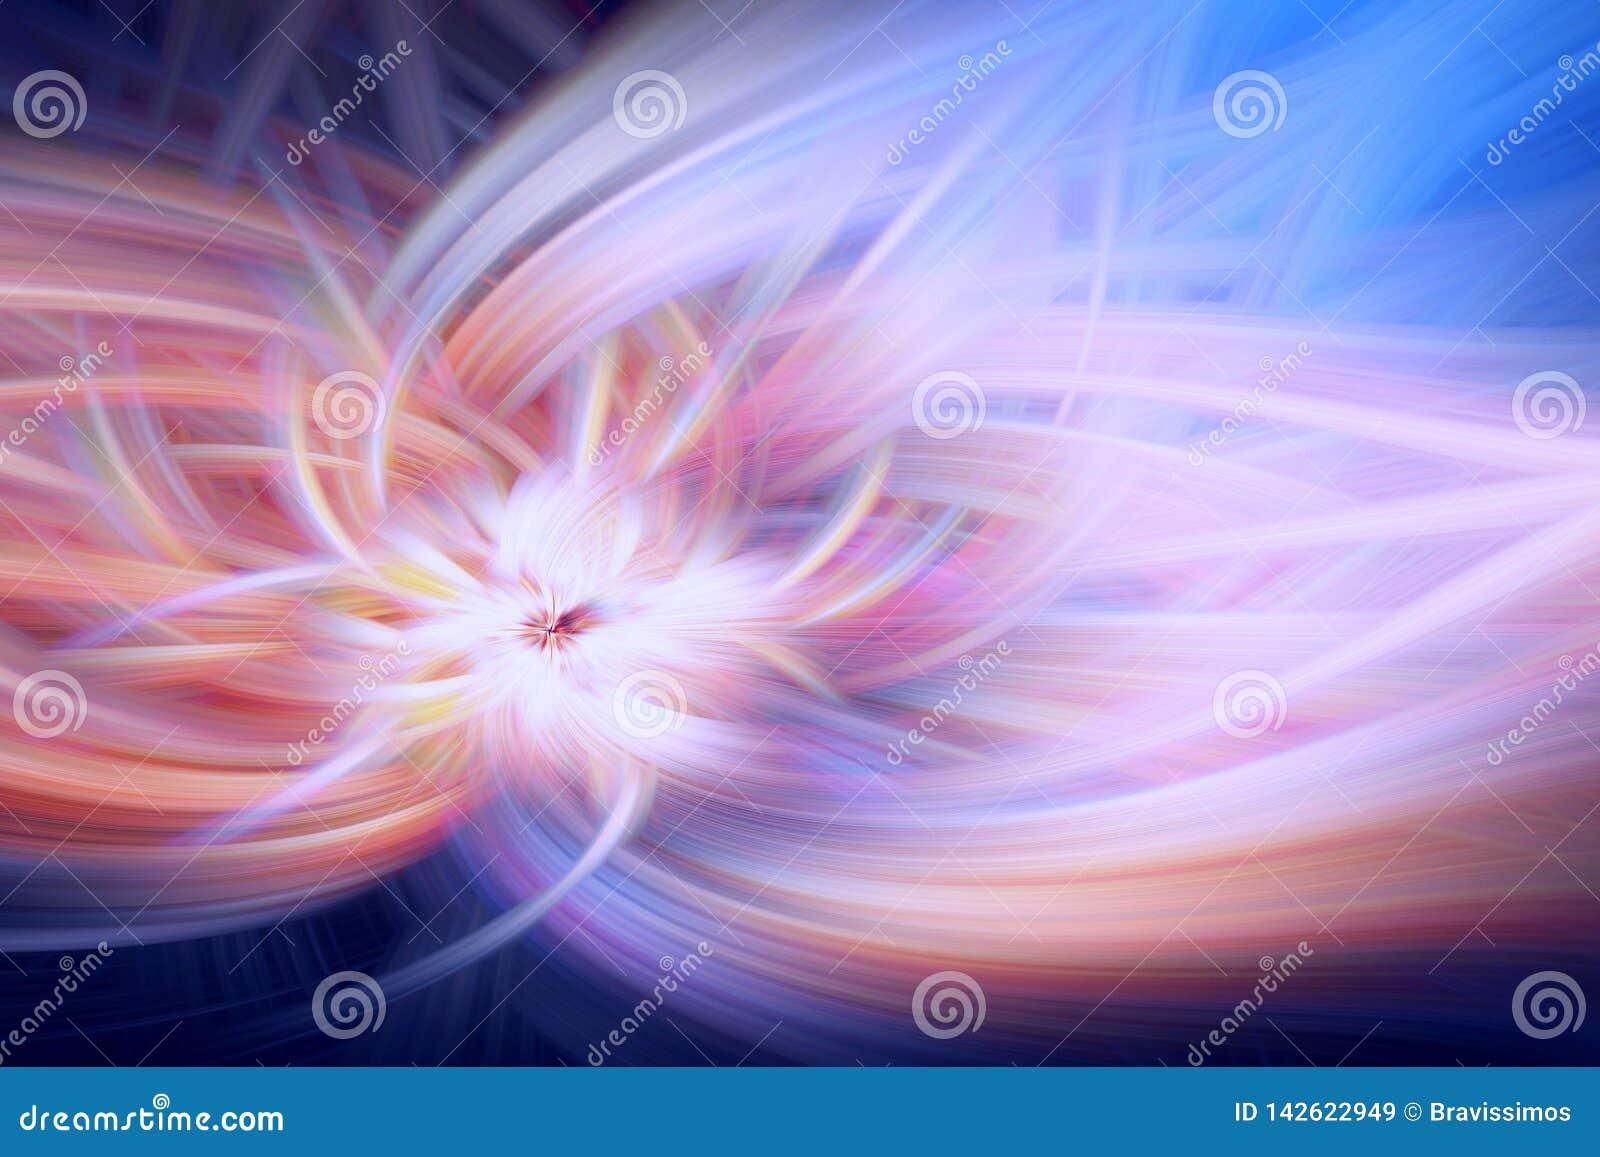 Ilustra??o do fractal do fulgor do cosmos do teste padr?o backdrop